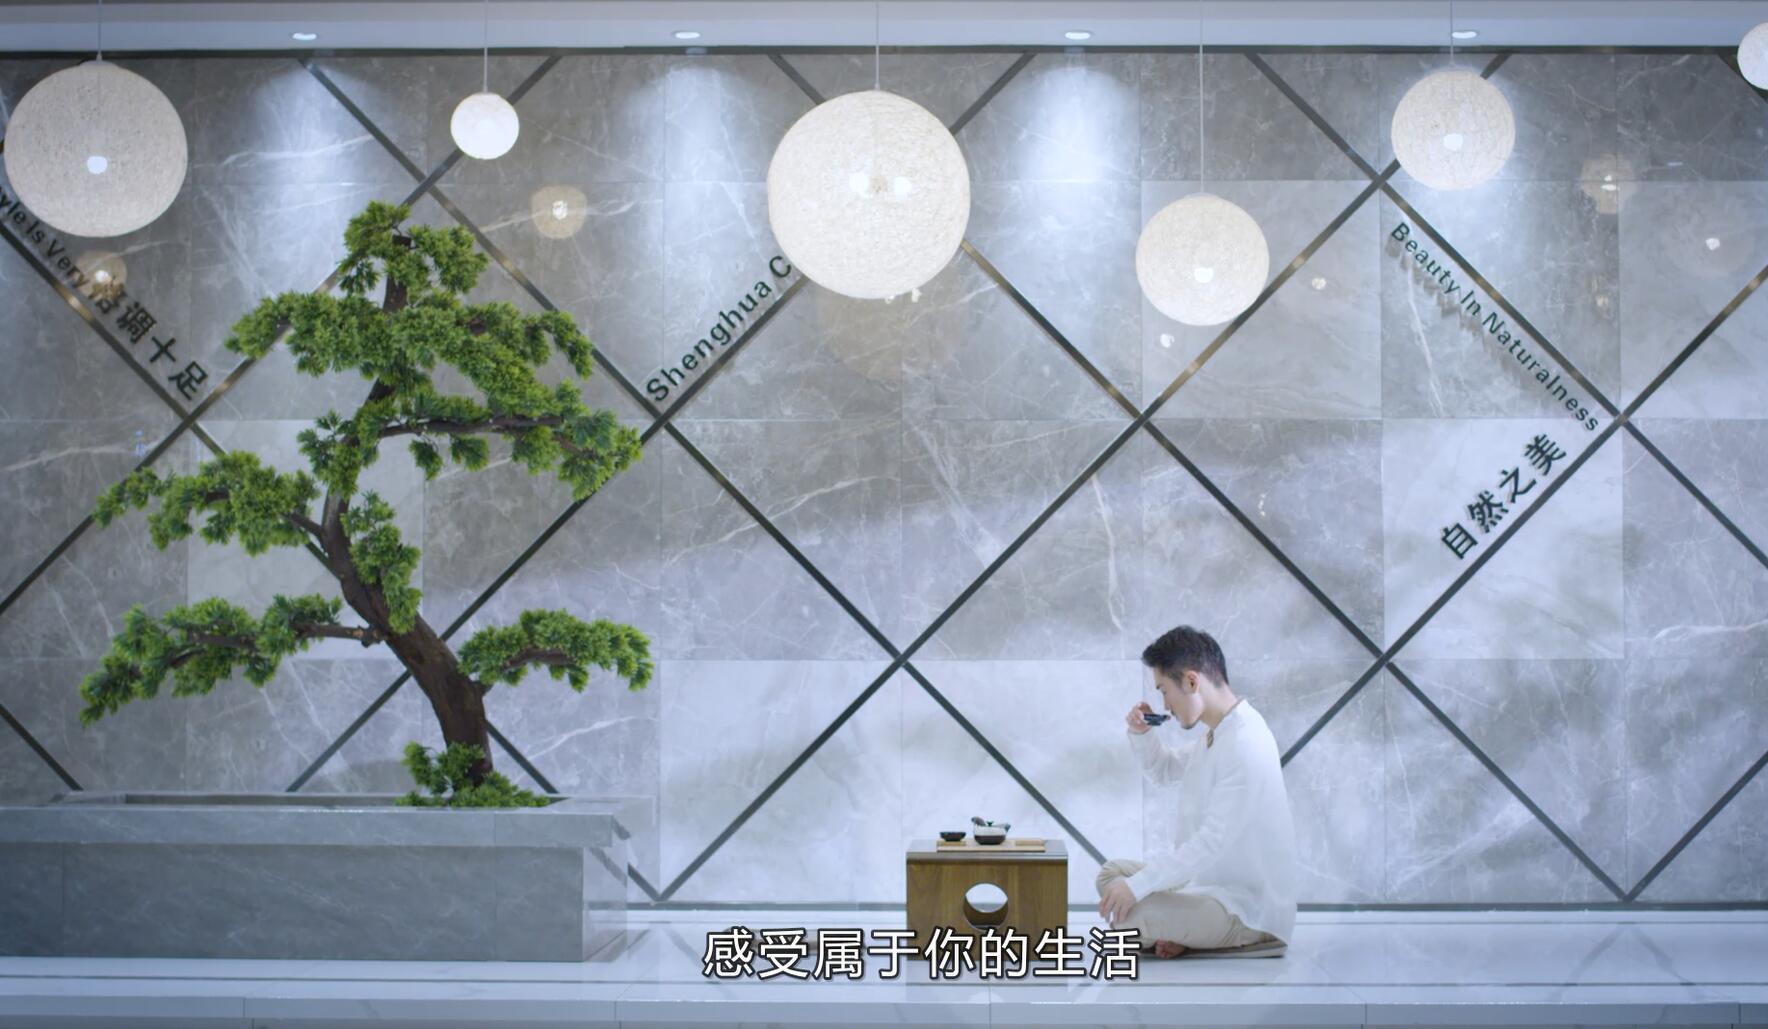 升华陶瓷品牌新宣传片震撼来袭,年度巨作亮点抢先看!